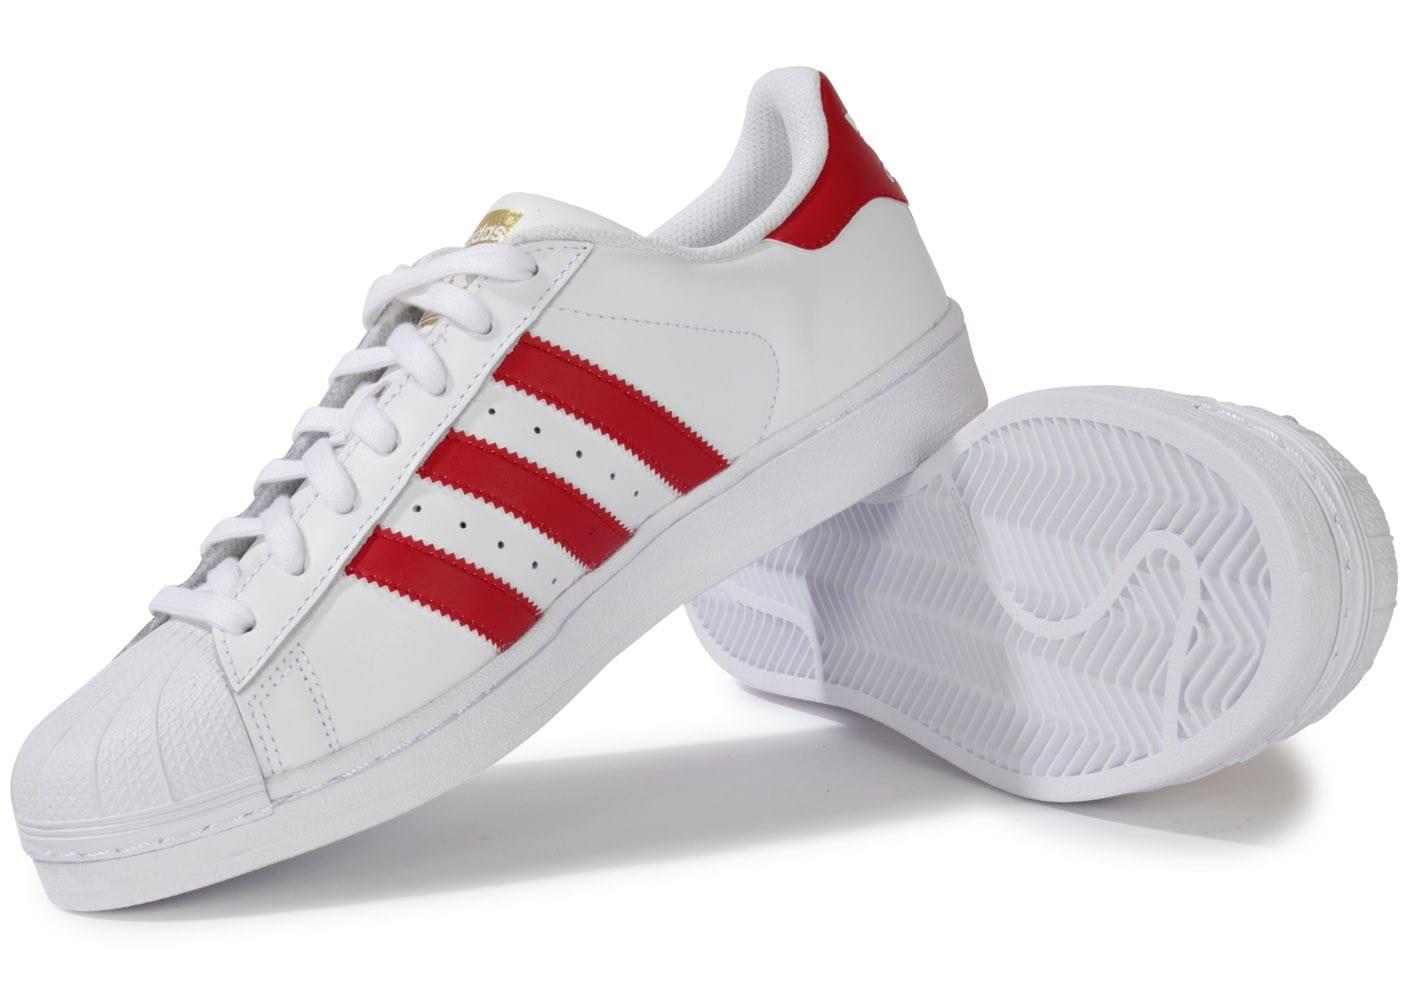 Vente de adidas superstar blanche et rouge homme Soldes